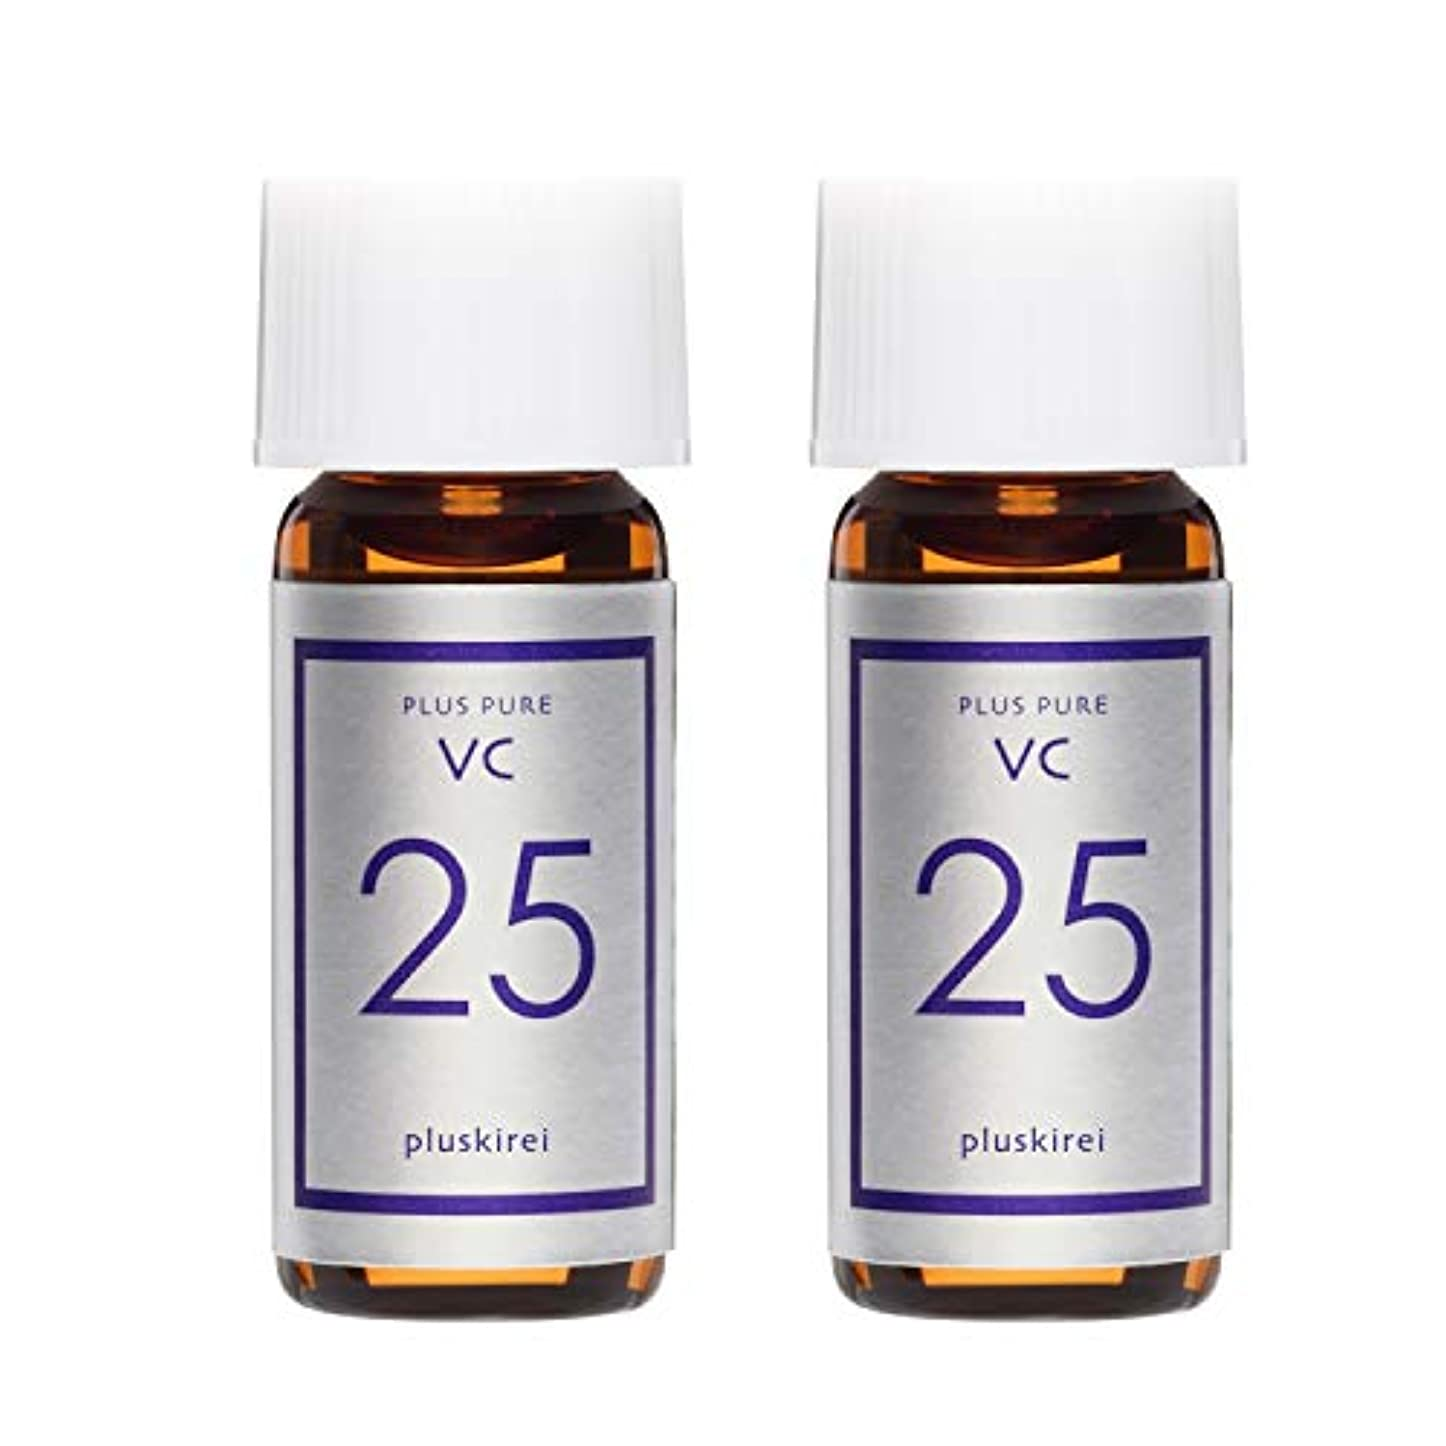 ビタミンC 美容液 プラスキレイ プラスピュアVC25ミニ ピュアビタミンC25%配合 両親媒性美容液 2本セット